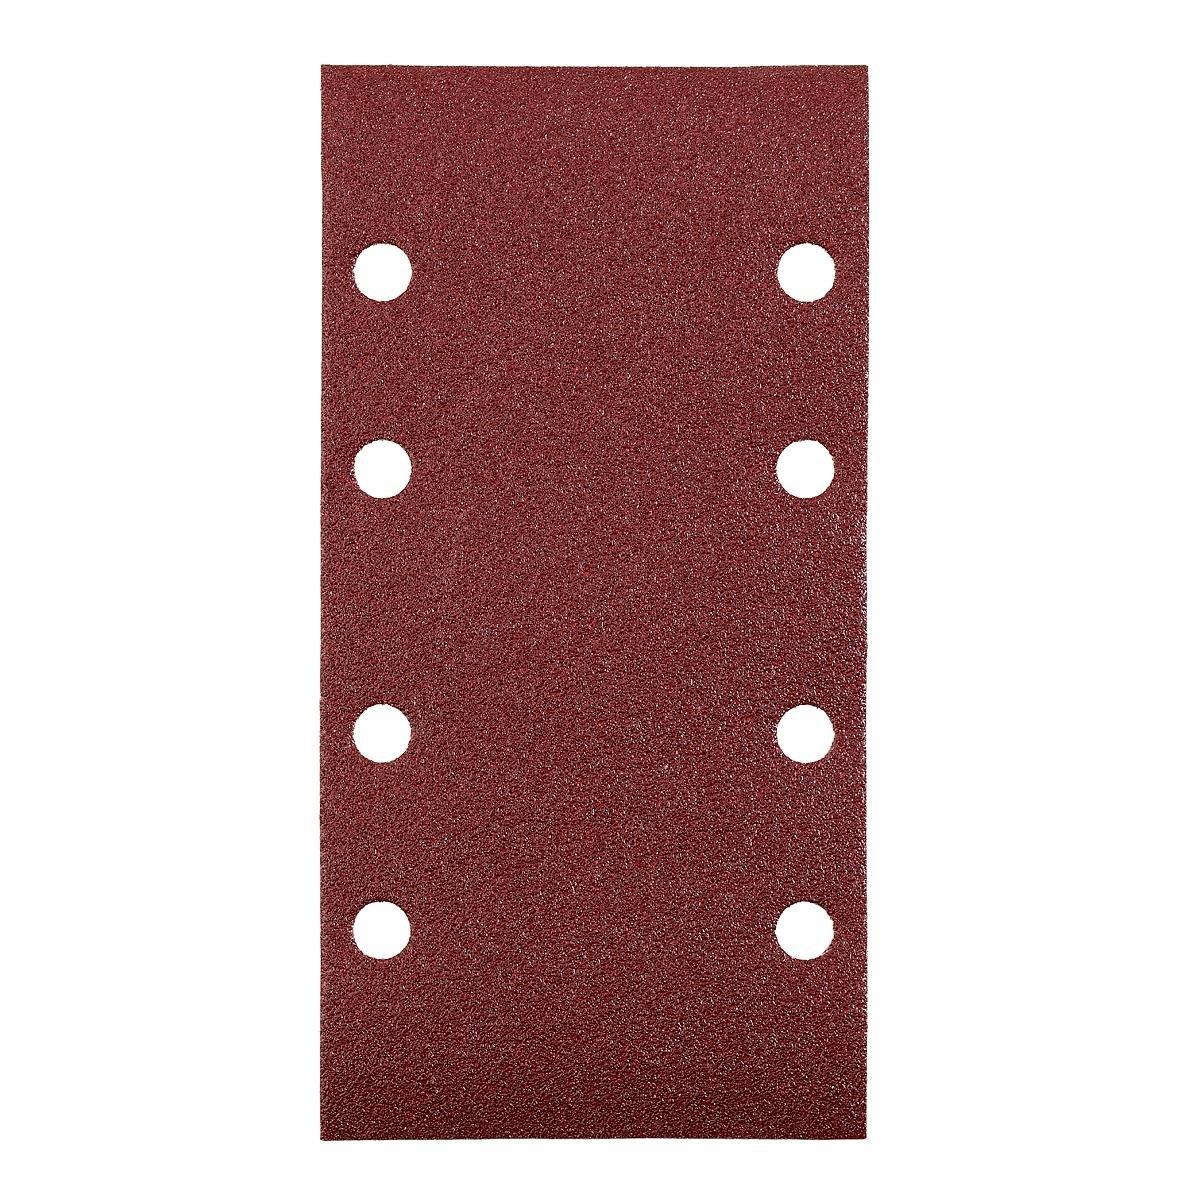 kwb Quick-Stick Schleifpapier – für Schwing-Schleifer K 40, K 60, K 80, K 120 für Holz und Metall, 93 mm x 185 mm, Edelkorund, gelocht mit Klett (15 Stk.) 8183-88